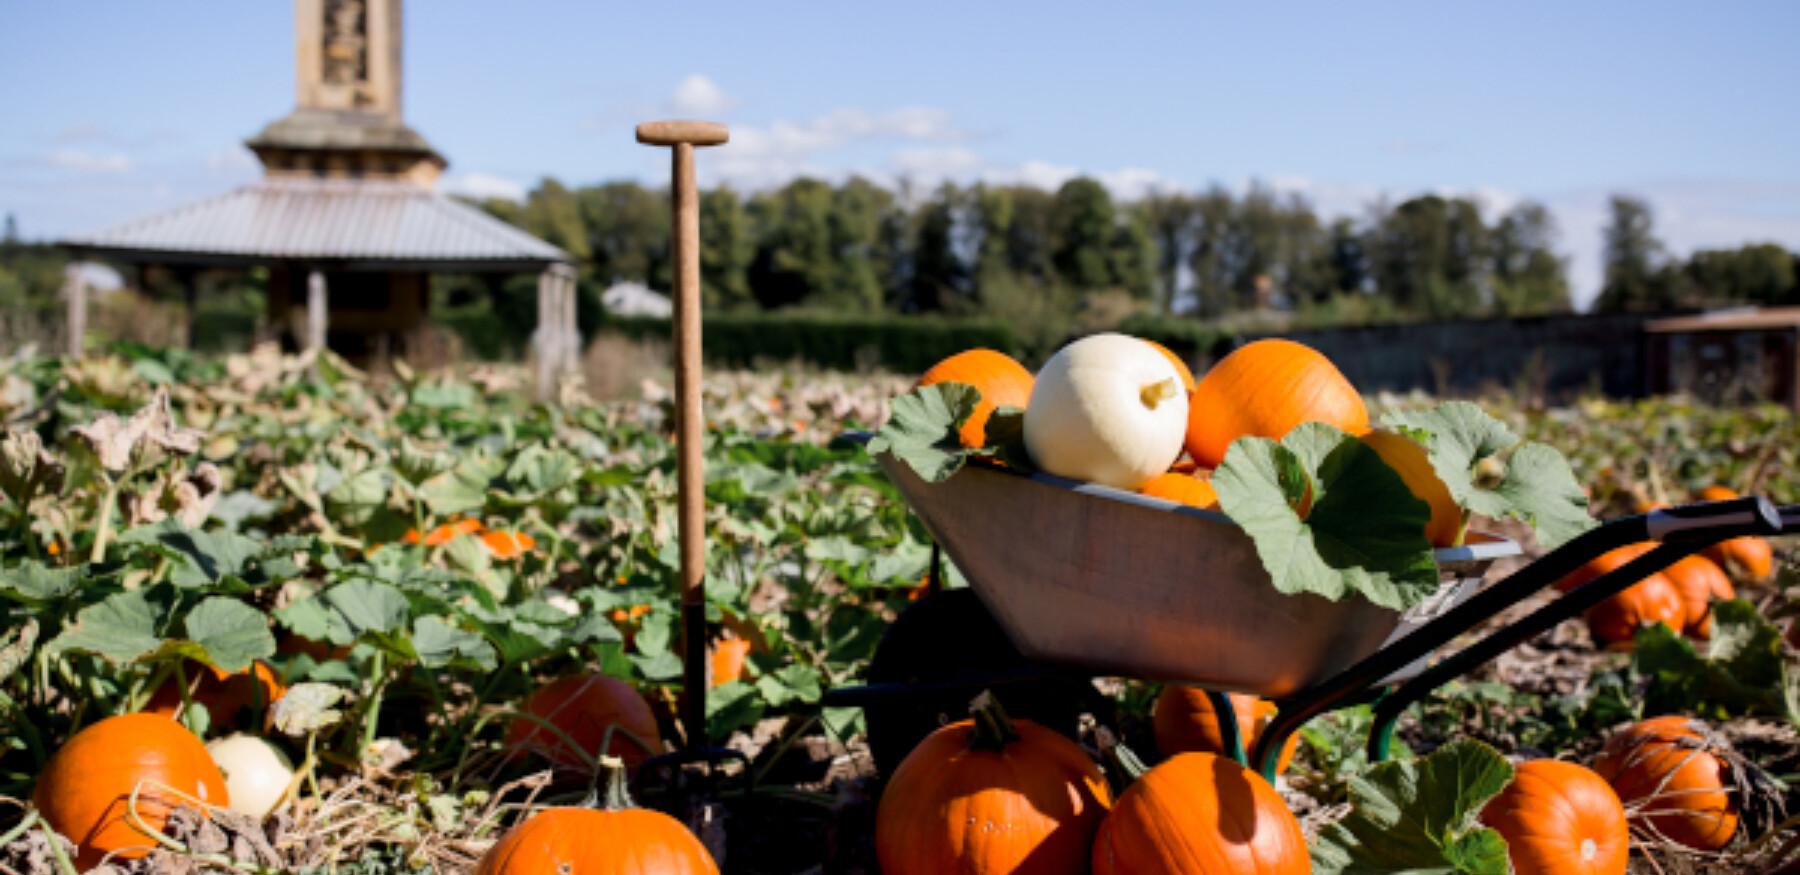 Pumpkin Patch21